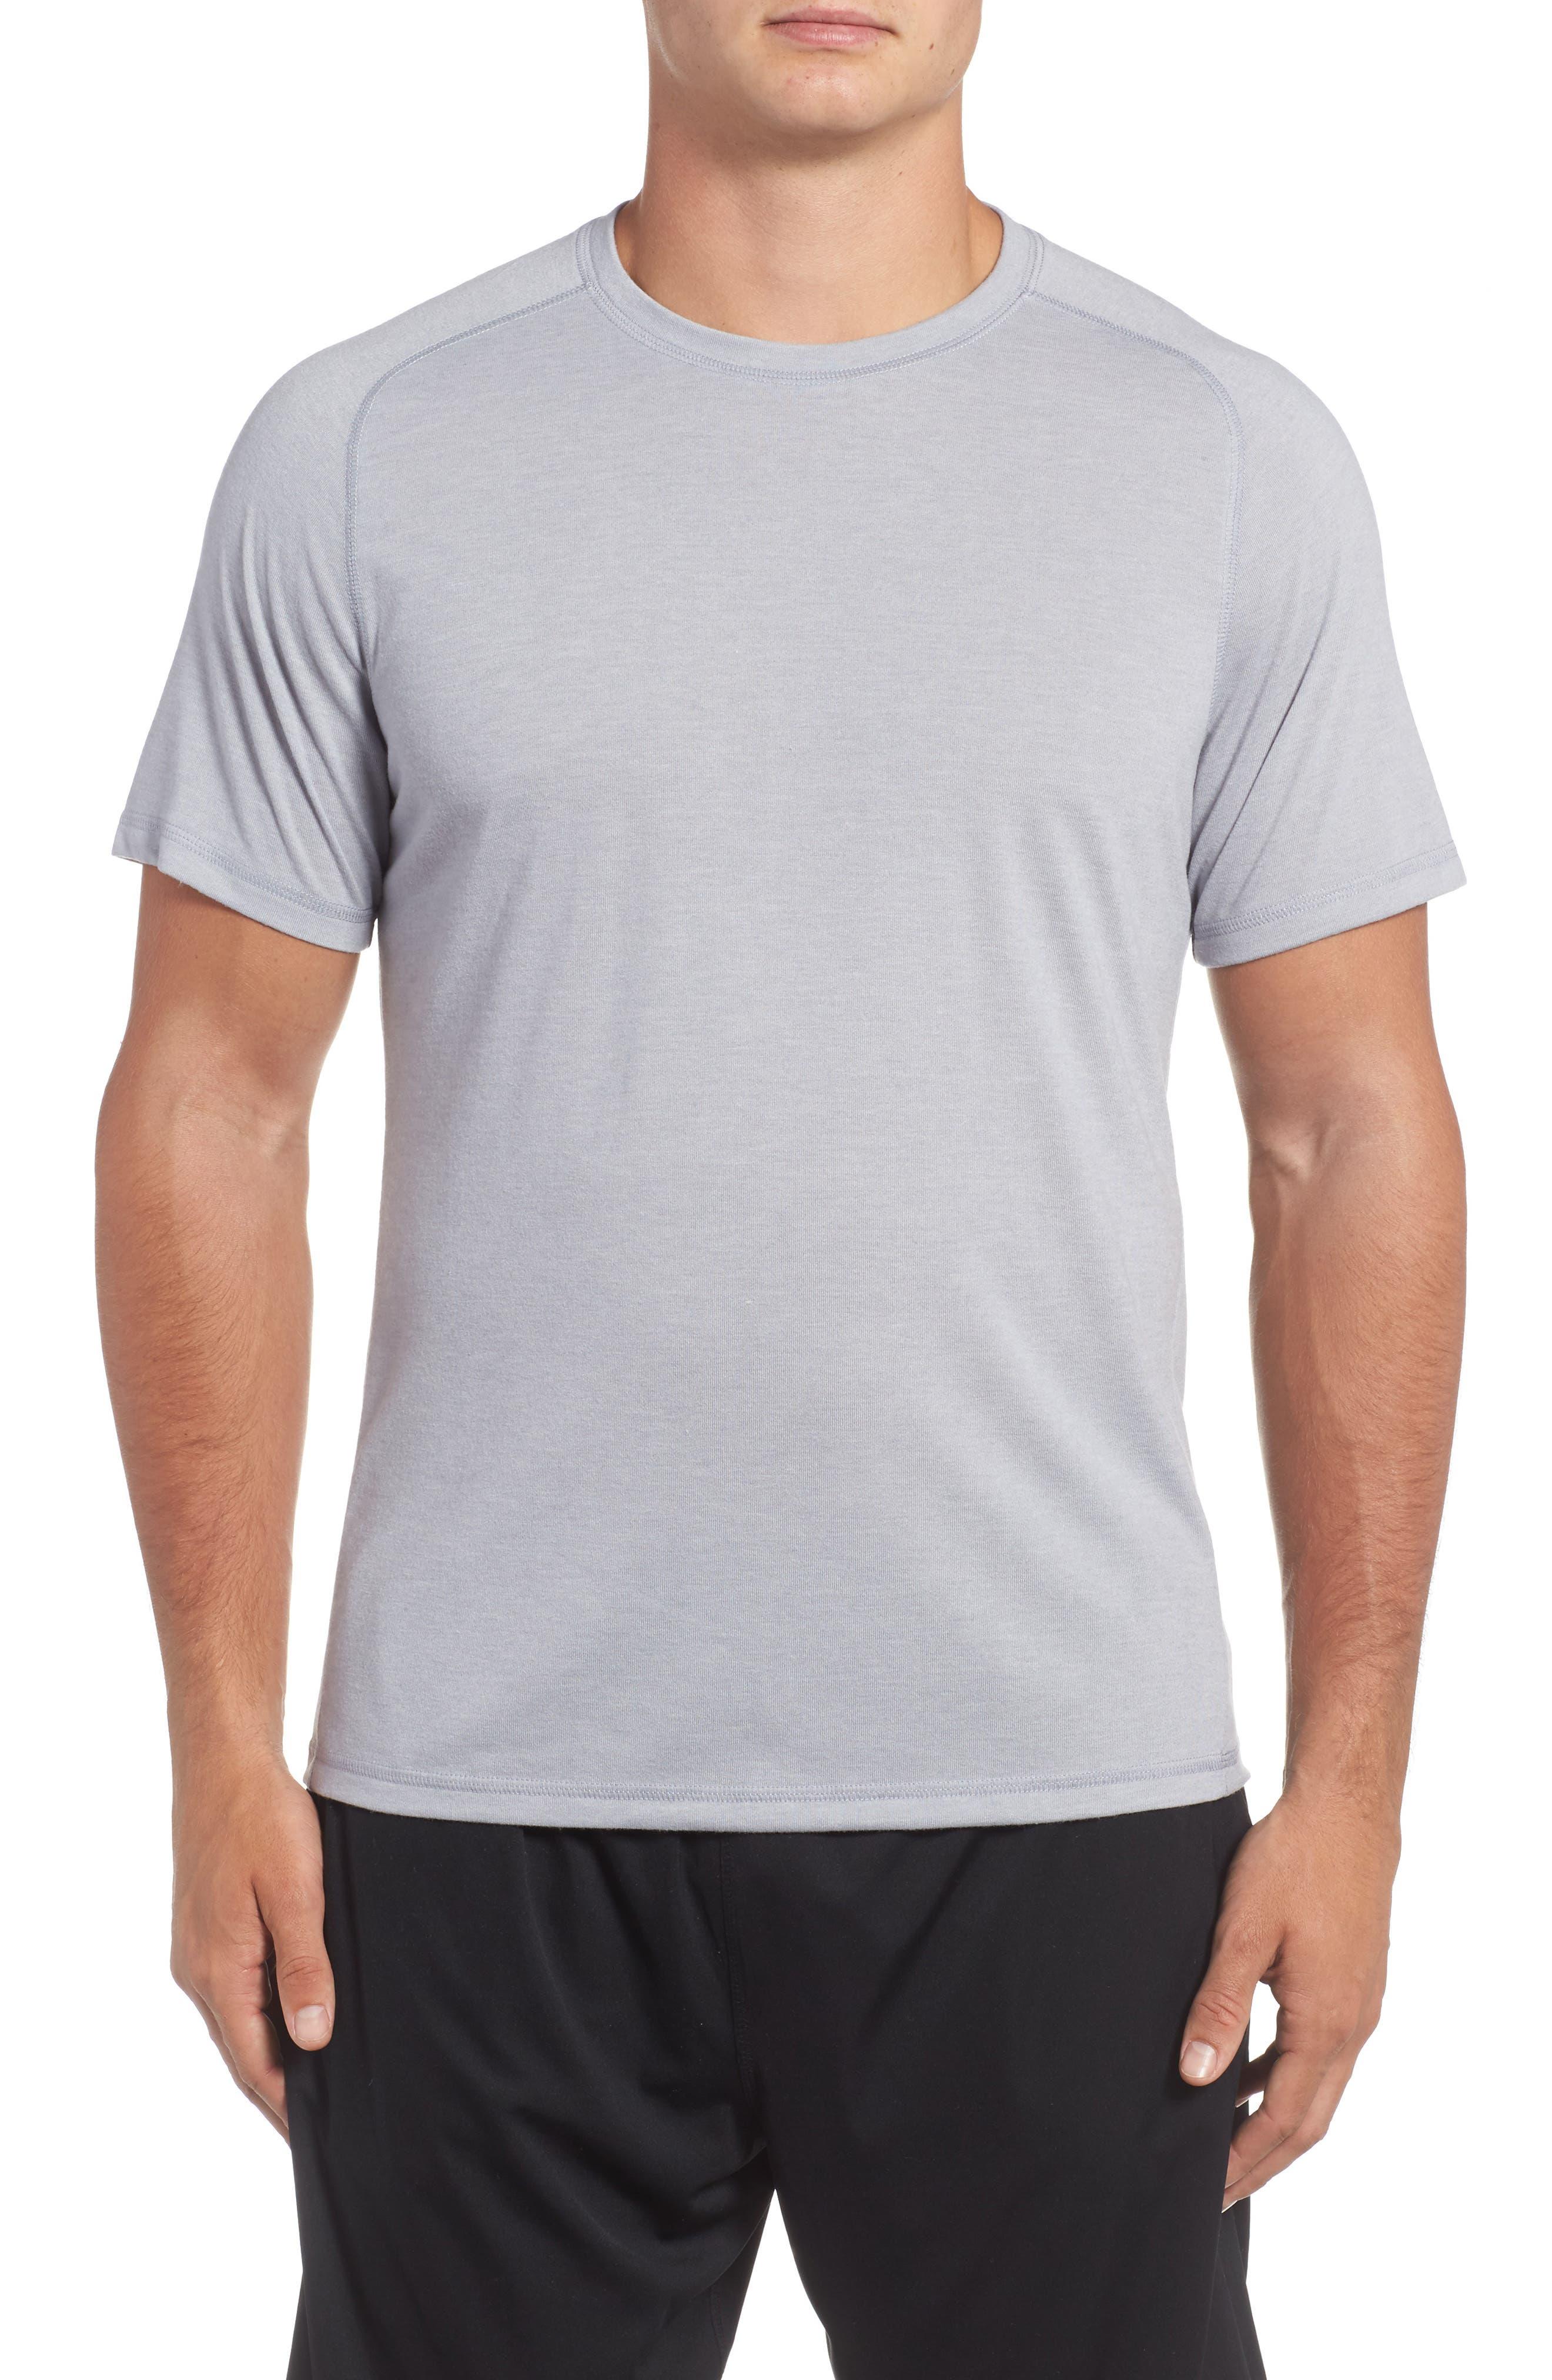 Celsian Training T-Shirt,                         Main,                         color, 050